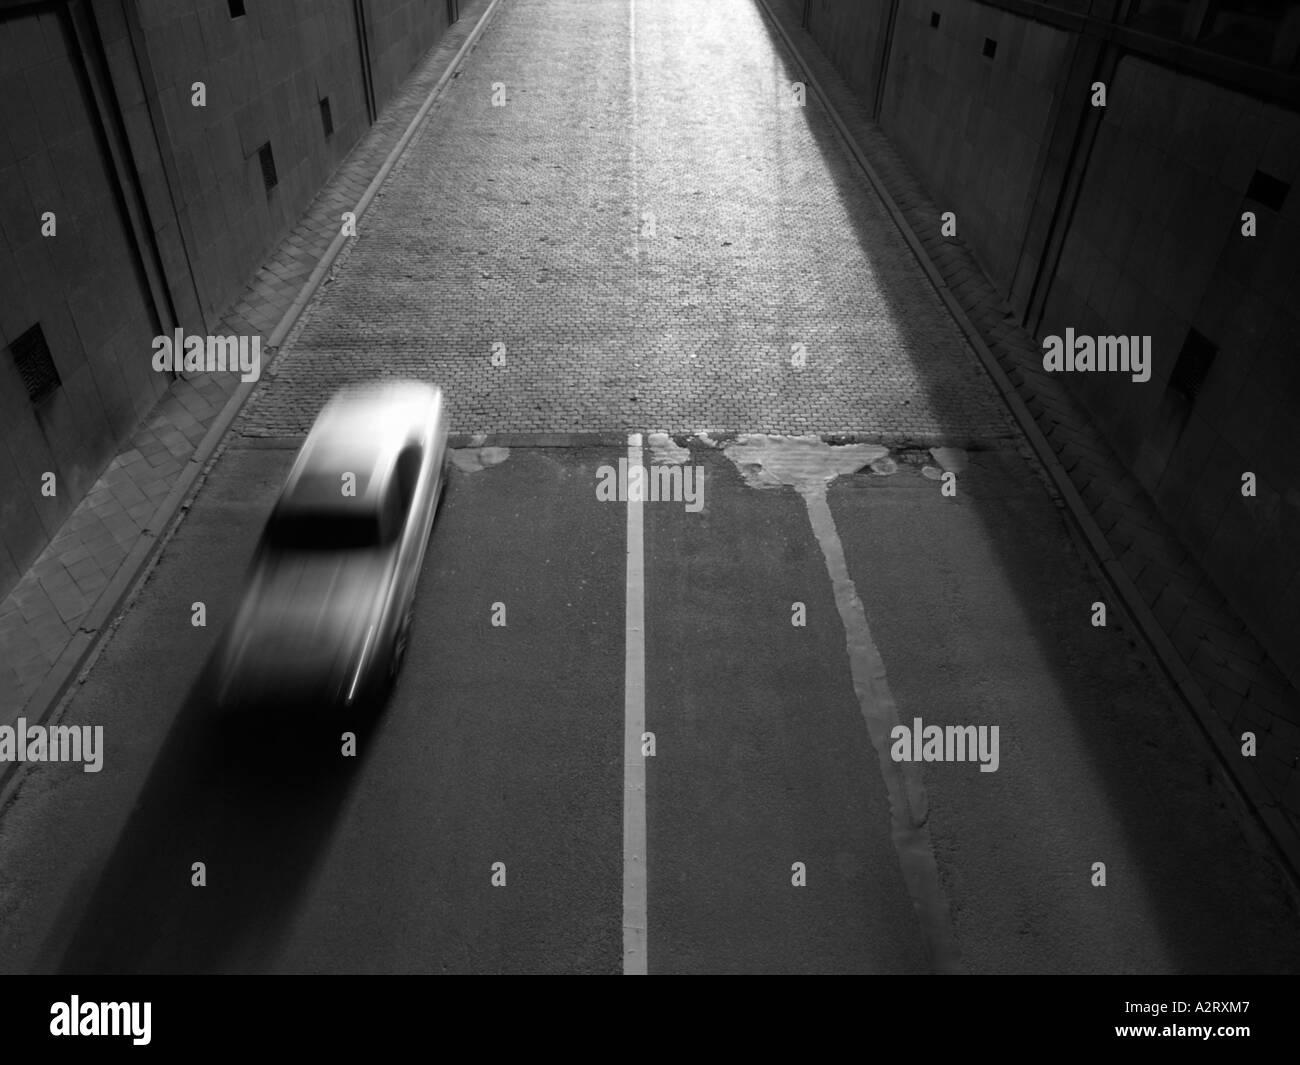 Silver car Mercedes excès de Bruxelles Belgique tunnel flou noir et blanc monochrome Banque D'Images